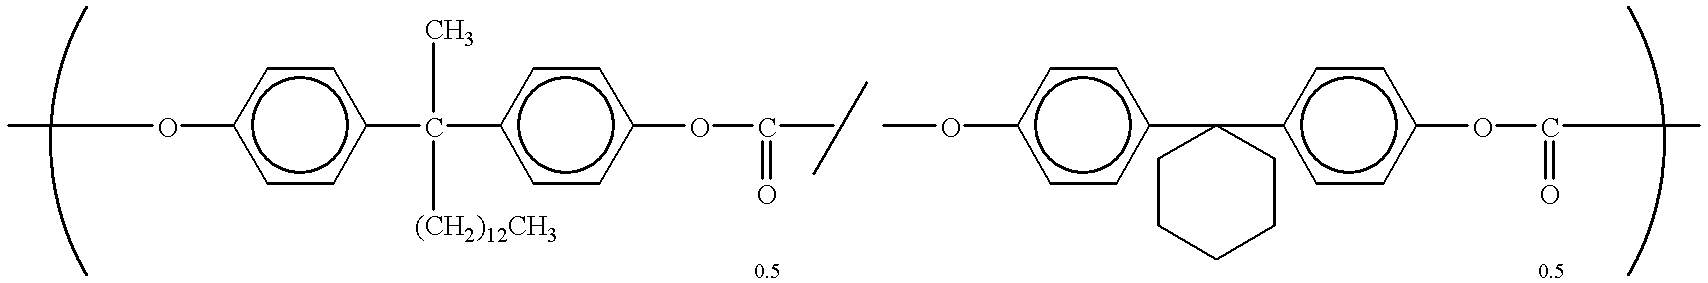 Figure US06548216-20030415-C00017